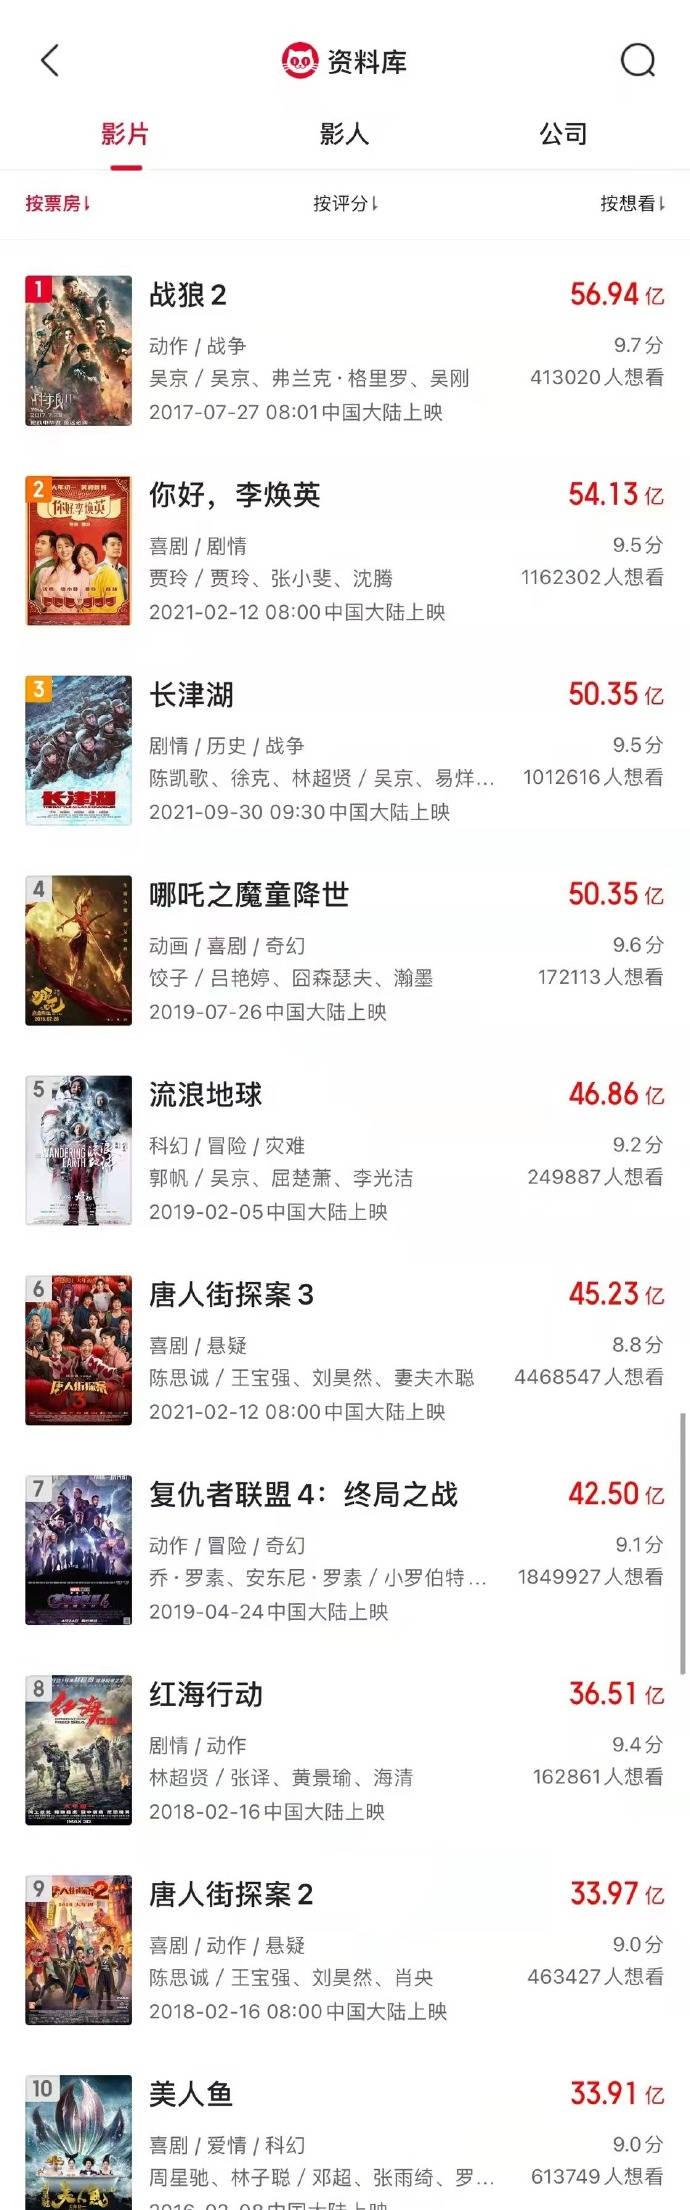 《长津湖》票房超《哪吒之魔童降世》  累计票房超50.35亿